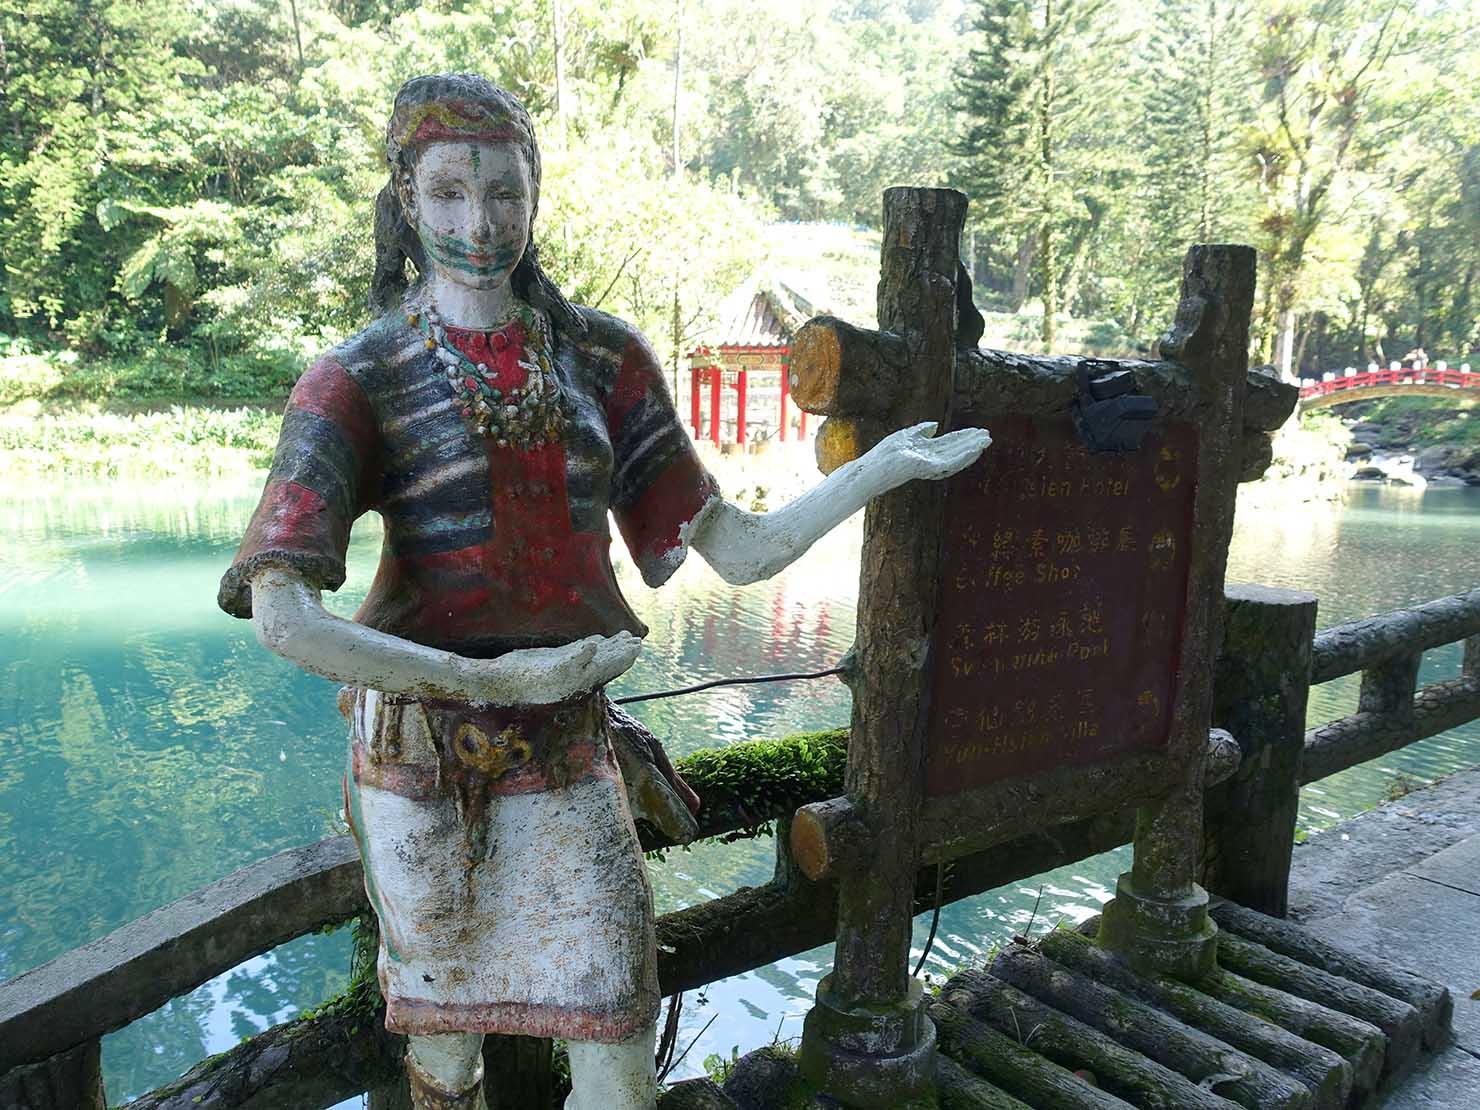 台北・烏來温泉から行けるテーマパーク「雲仙樂園」エントランスに佇む泰雅族(タイヤル族)男性の像